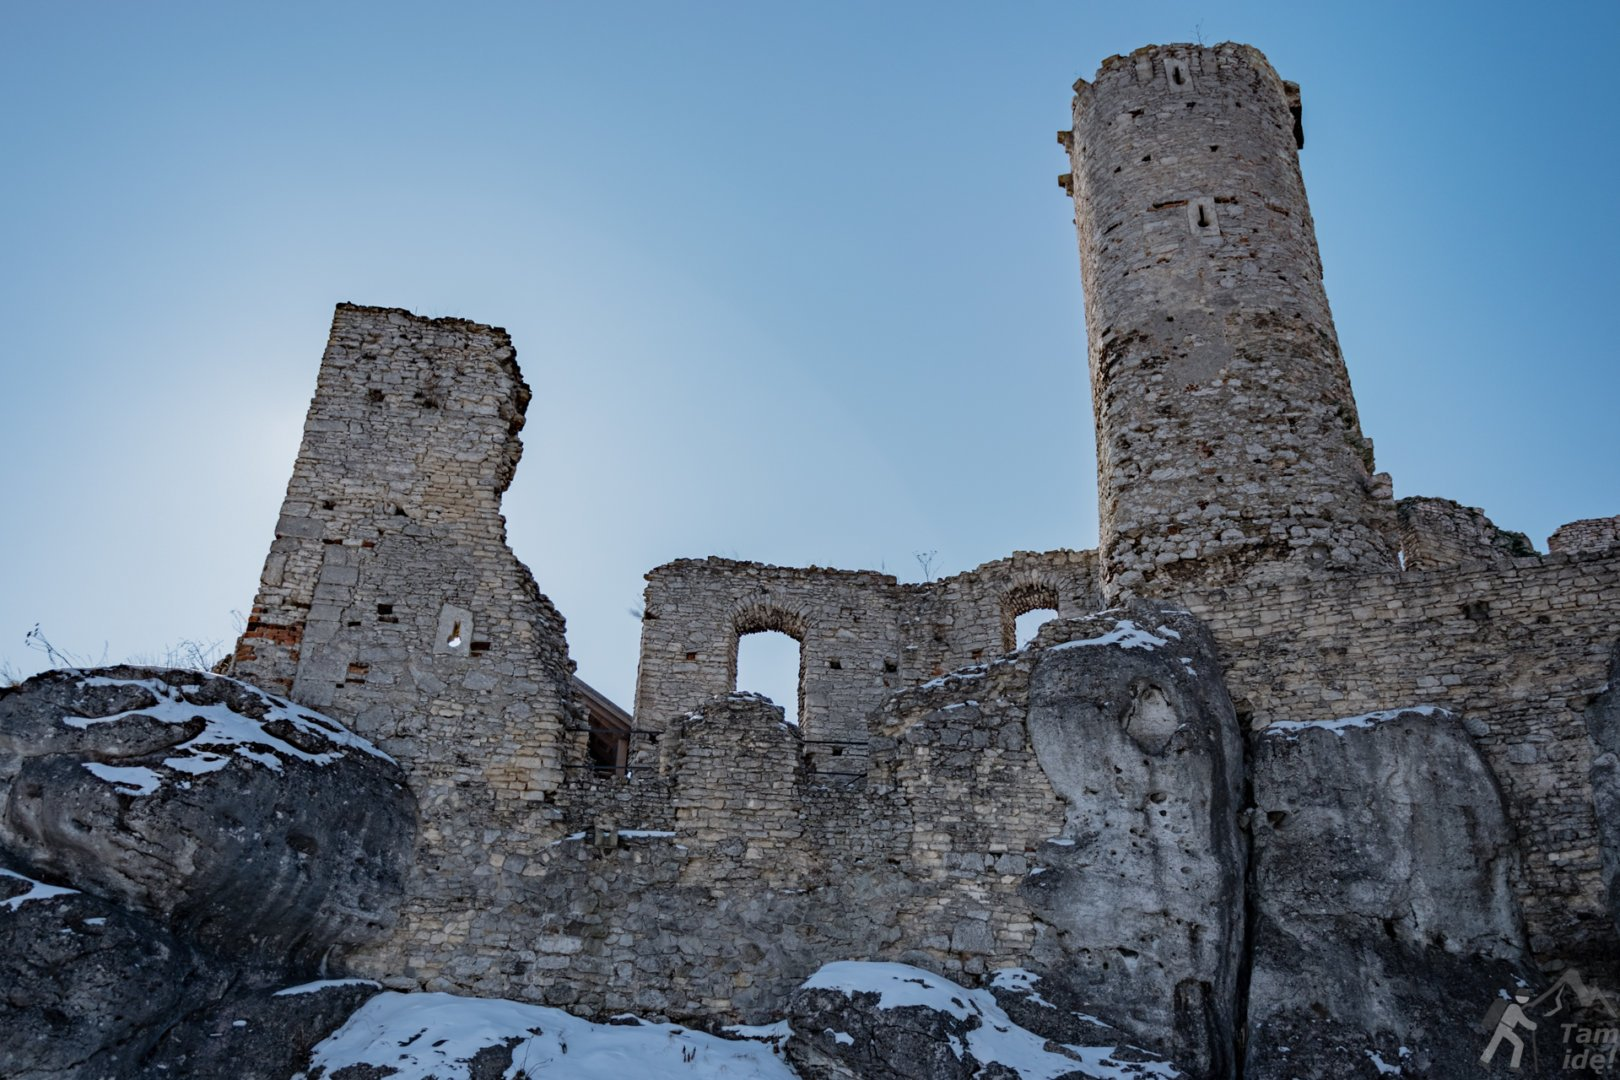 Wieże i mury zamku Ogrodzieniec w zimowej odsłonie